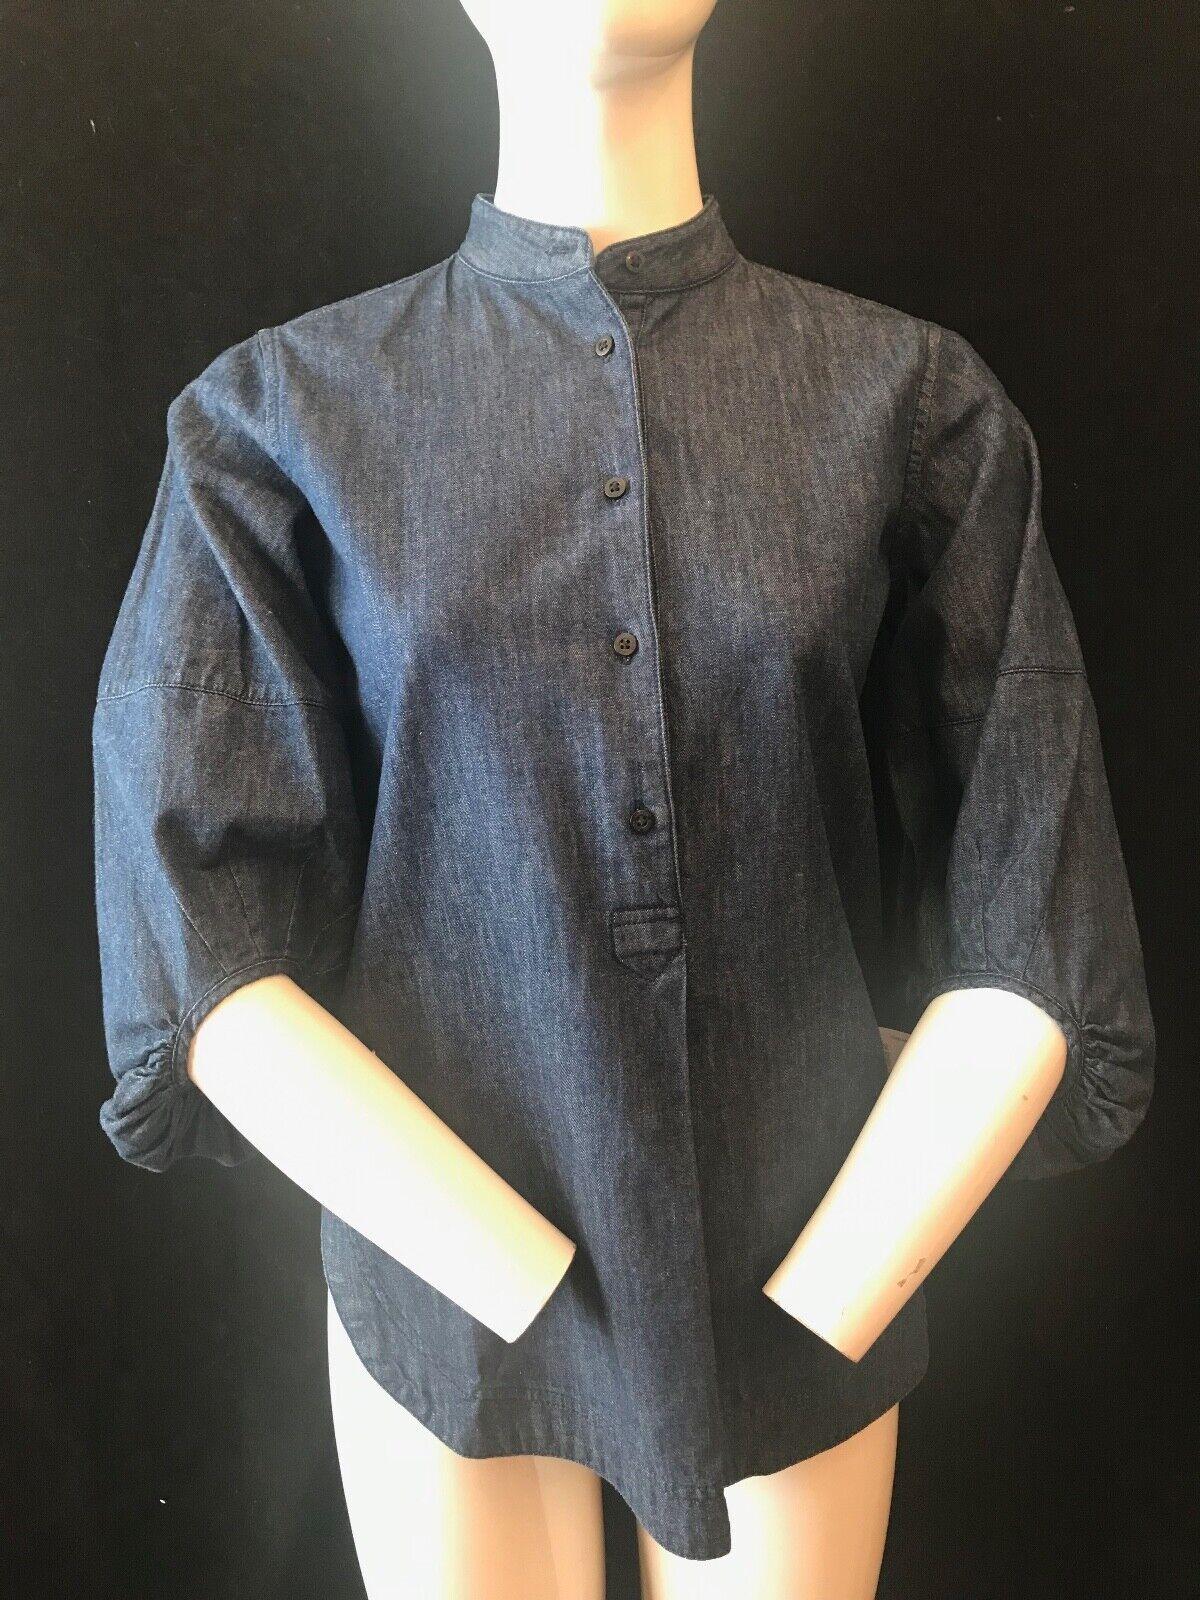 BNWT LAUREN Ralph Lauren s 3 4 Sleeve Grandad Denim Shirt Chest 34  RRP